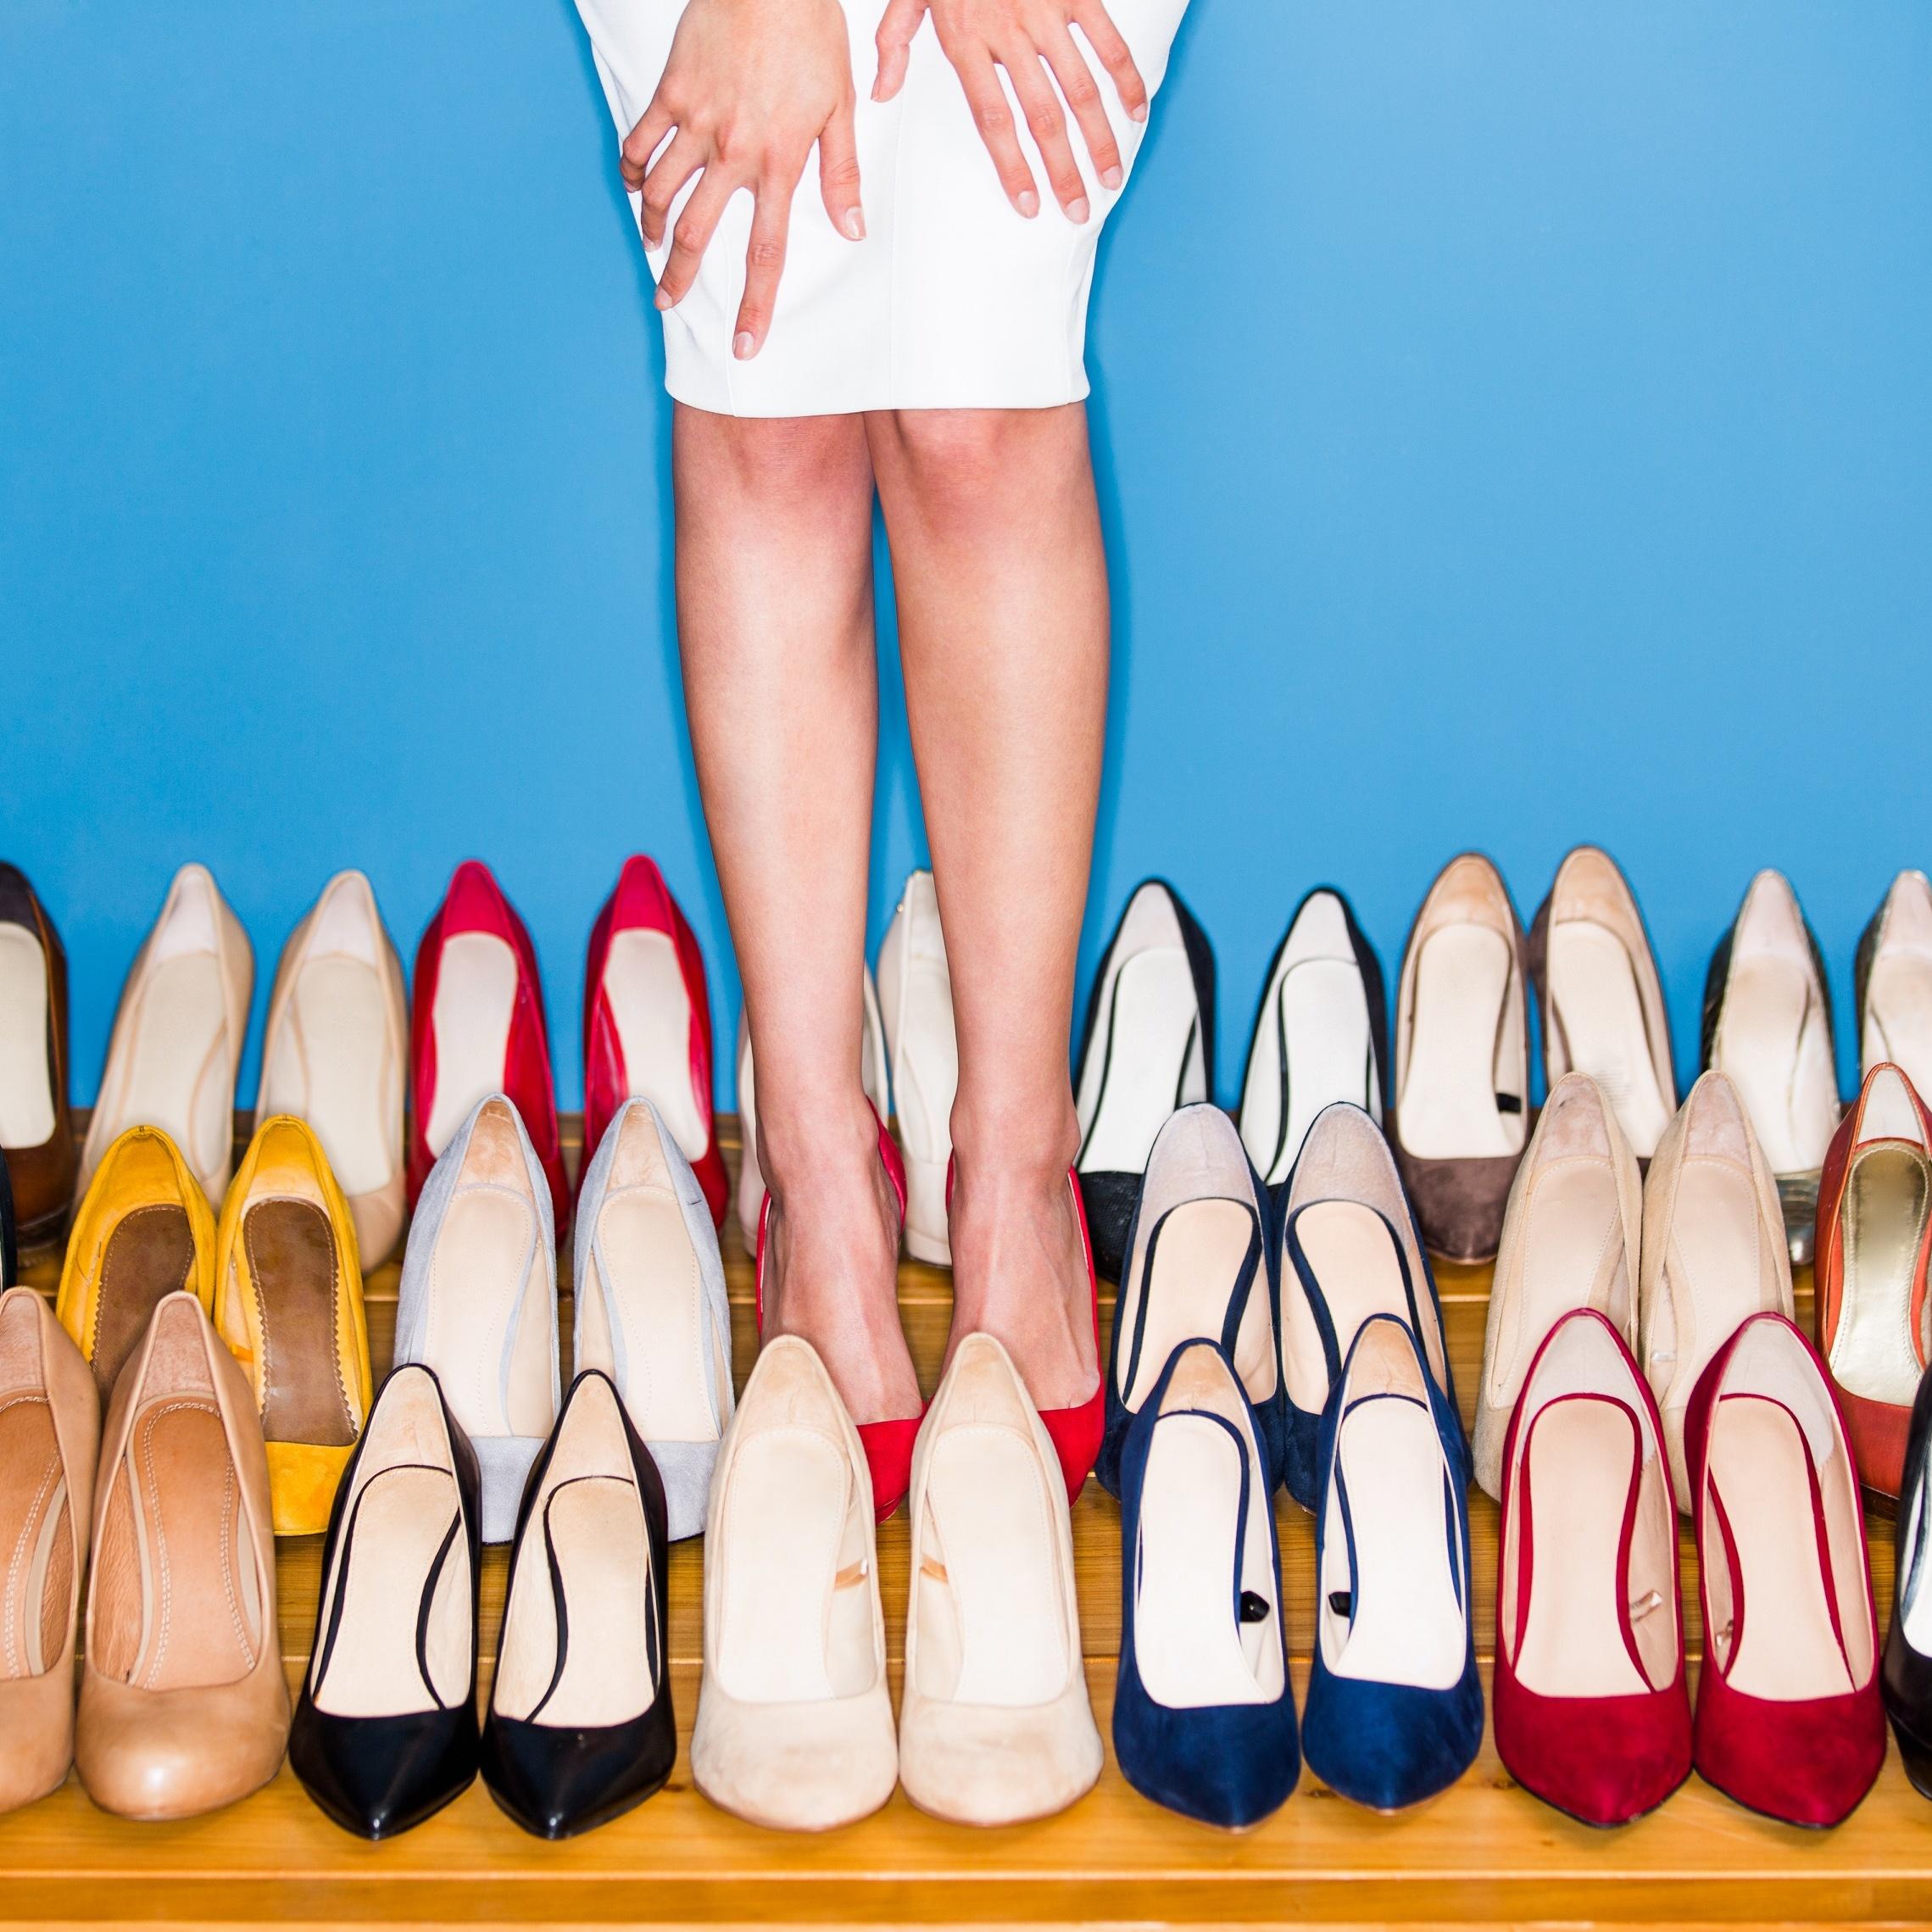 Ces Préférées Astuces Sauver De Qui Elle 7 Chaussures Vont Vie Vos La 3AS4RLcqj5